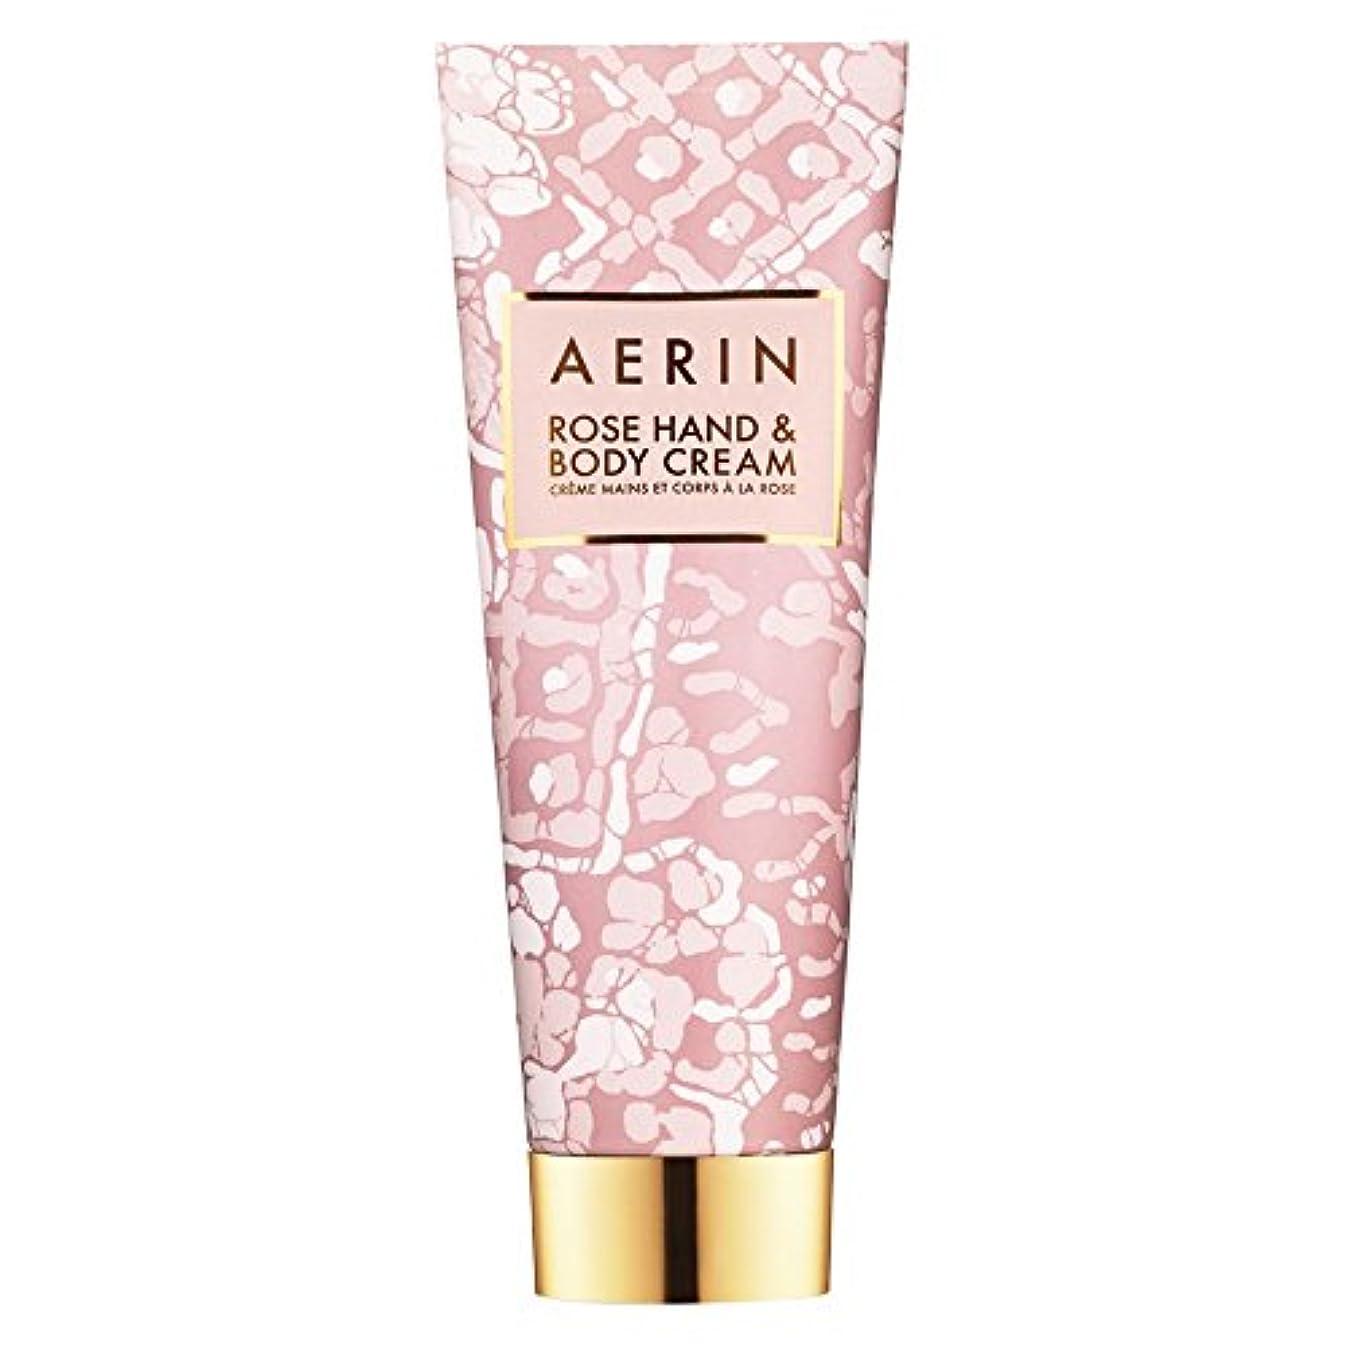 日強盗暴君Aerinはハンド&ボディクリーム125ミリリットルをバラ (AERIN) (x2) - AERIN Rose Hand & Body Cream 125ml (Pack of 2) [並行輸入品]